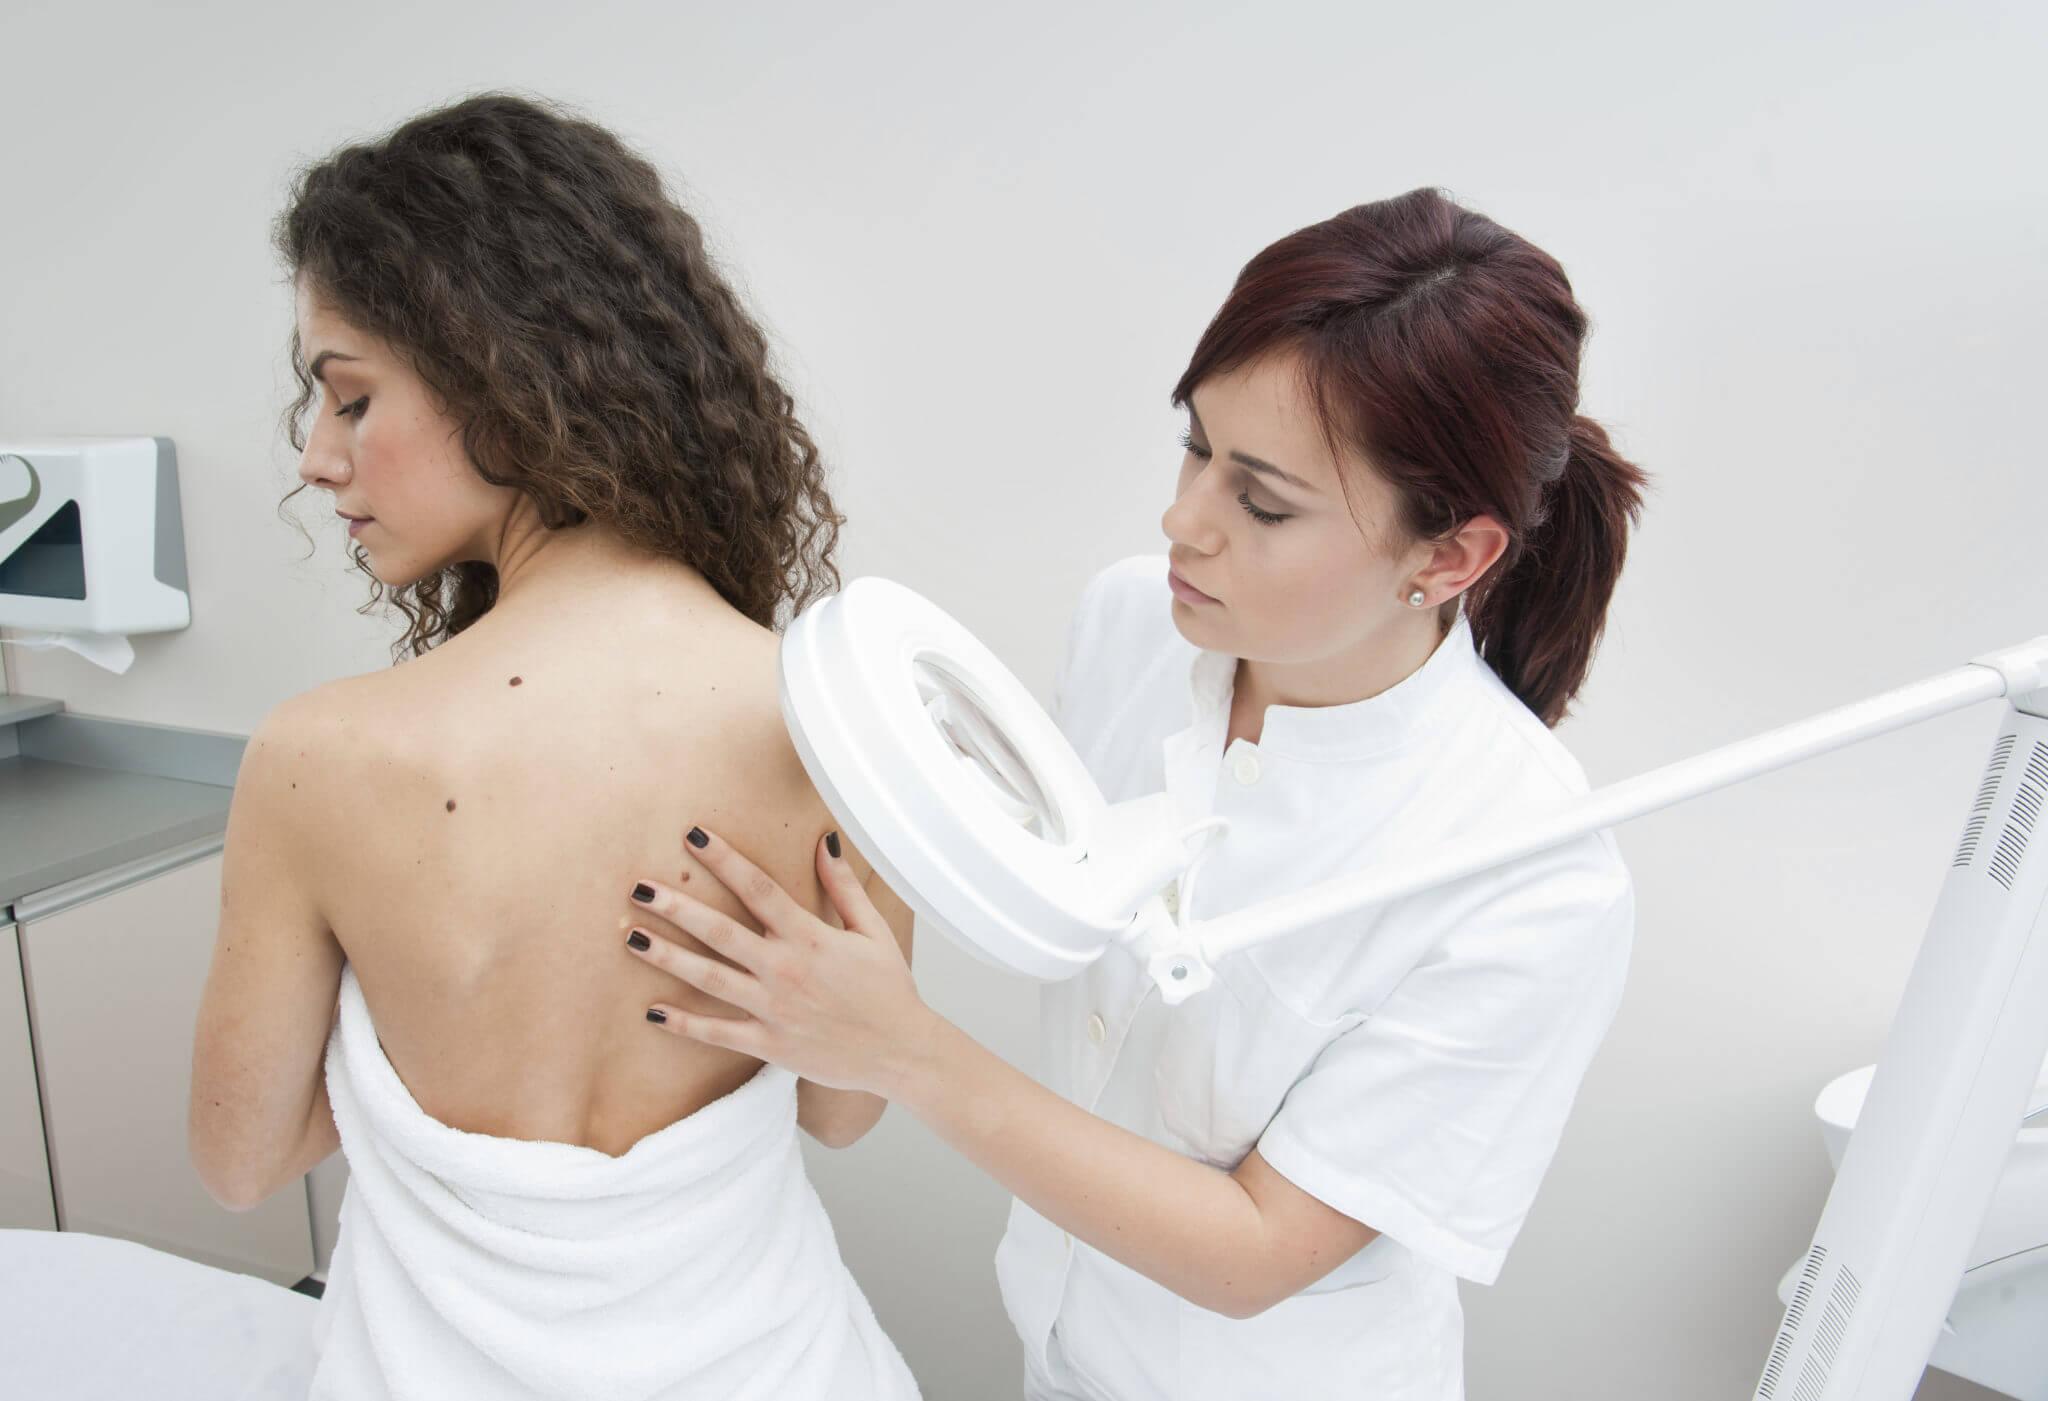 Какие заболевания лечит дерматолог что он делает на приеме и когда к нему идти